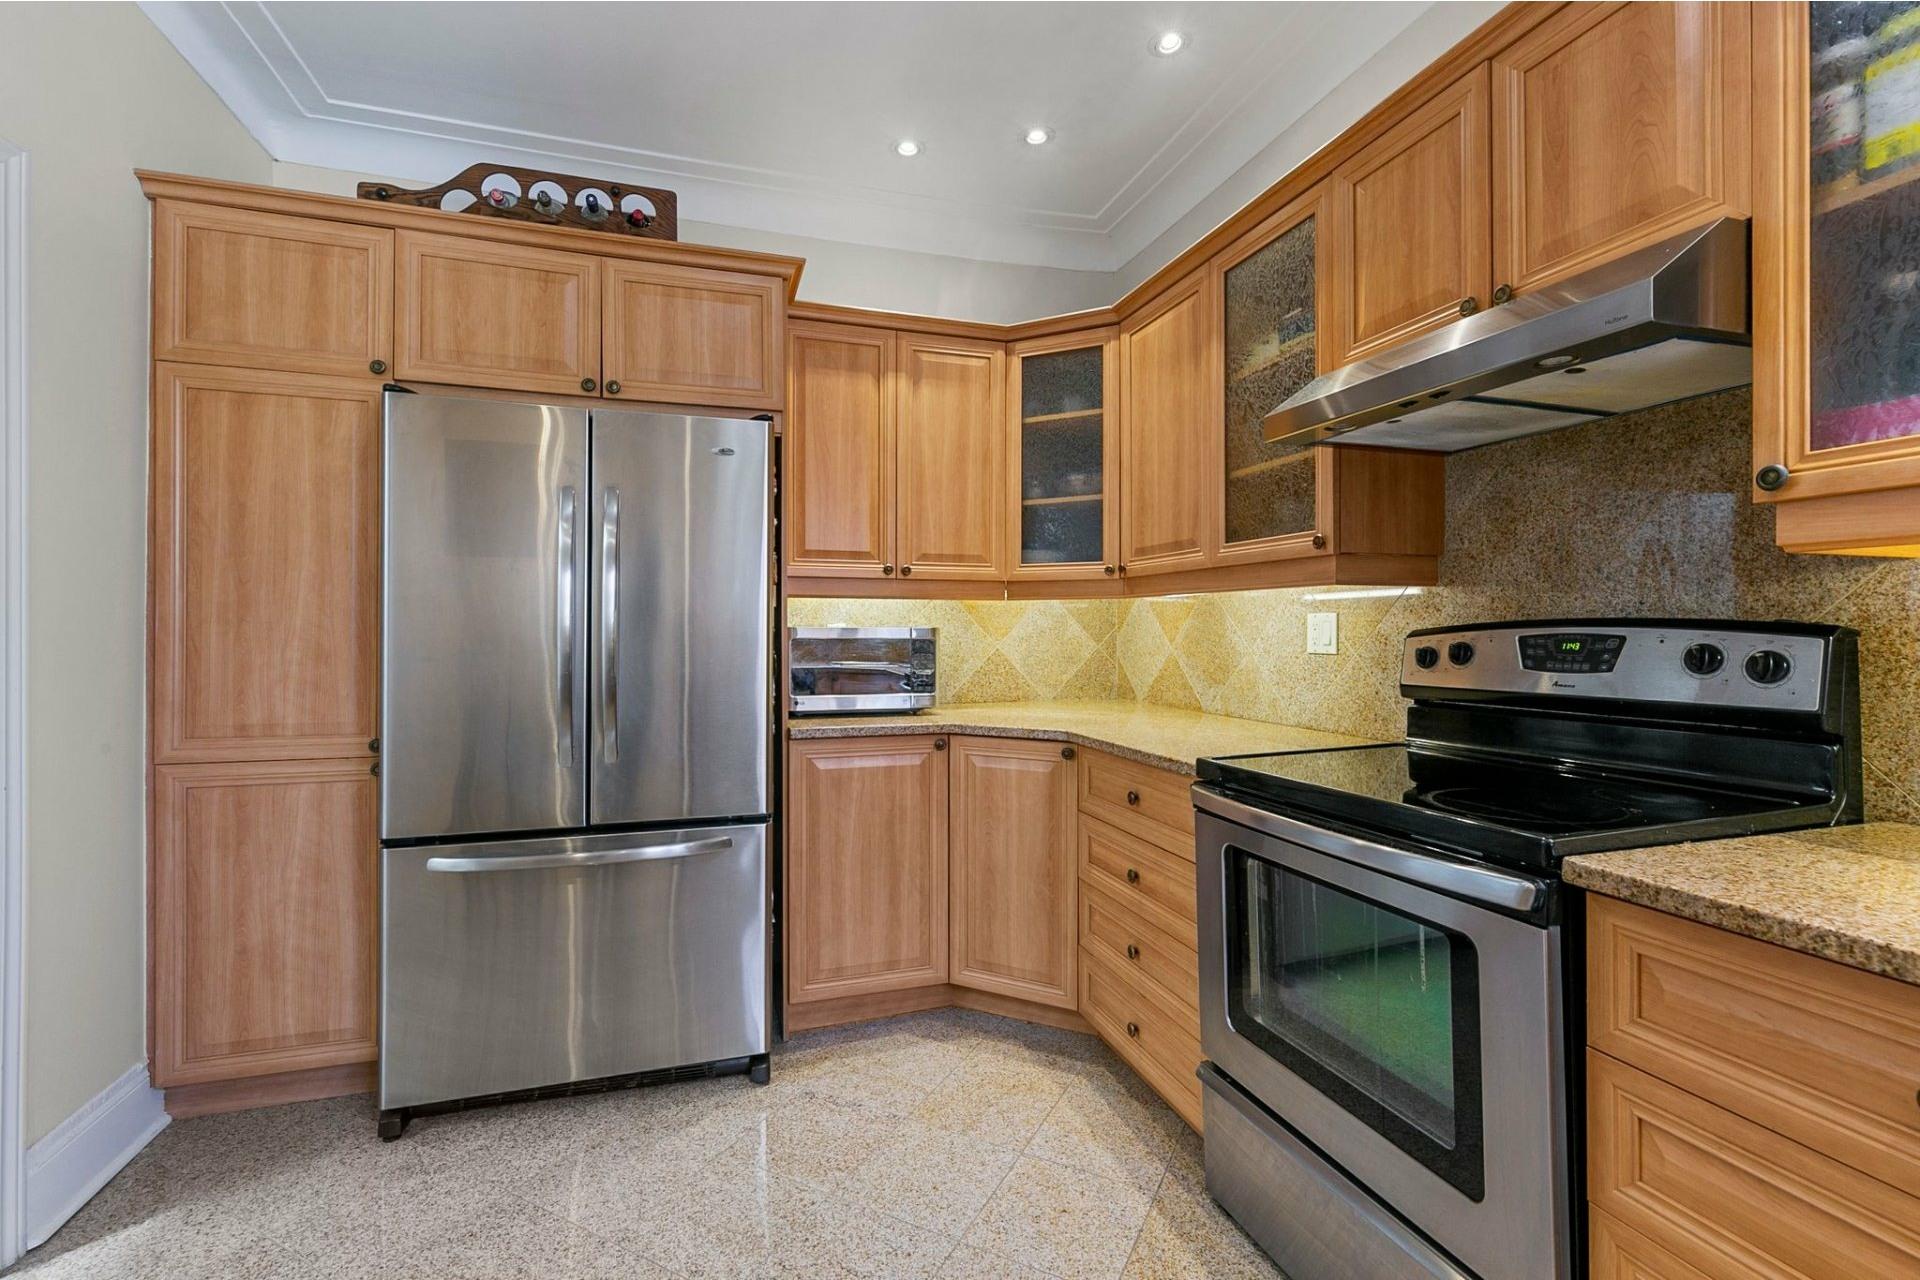 image 9 - Appartement À vendre Côte-des-Neiges/Notre-Dame-de-Grâce Montréal  - 10 pièces